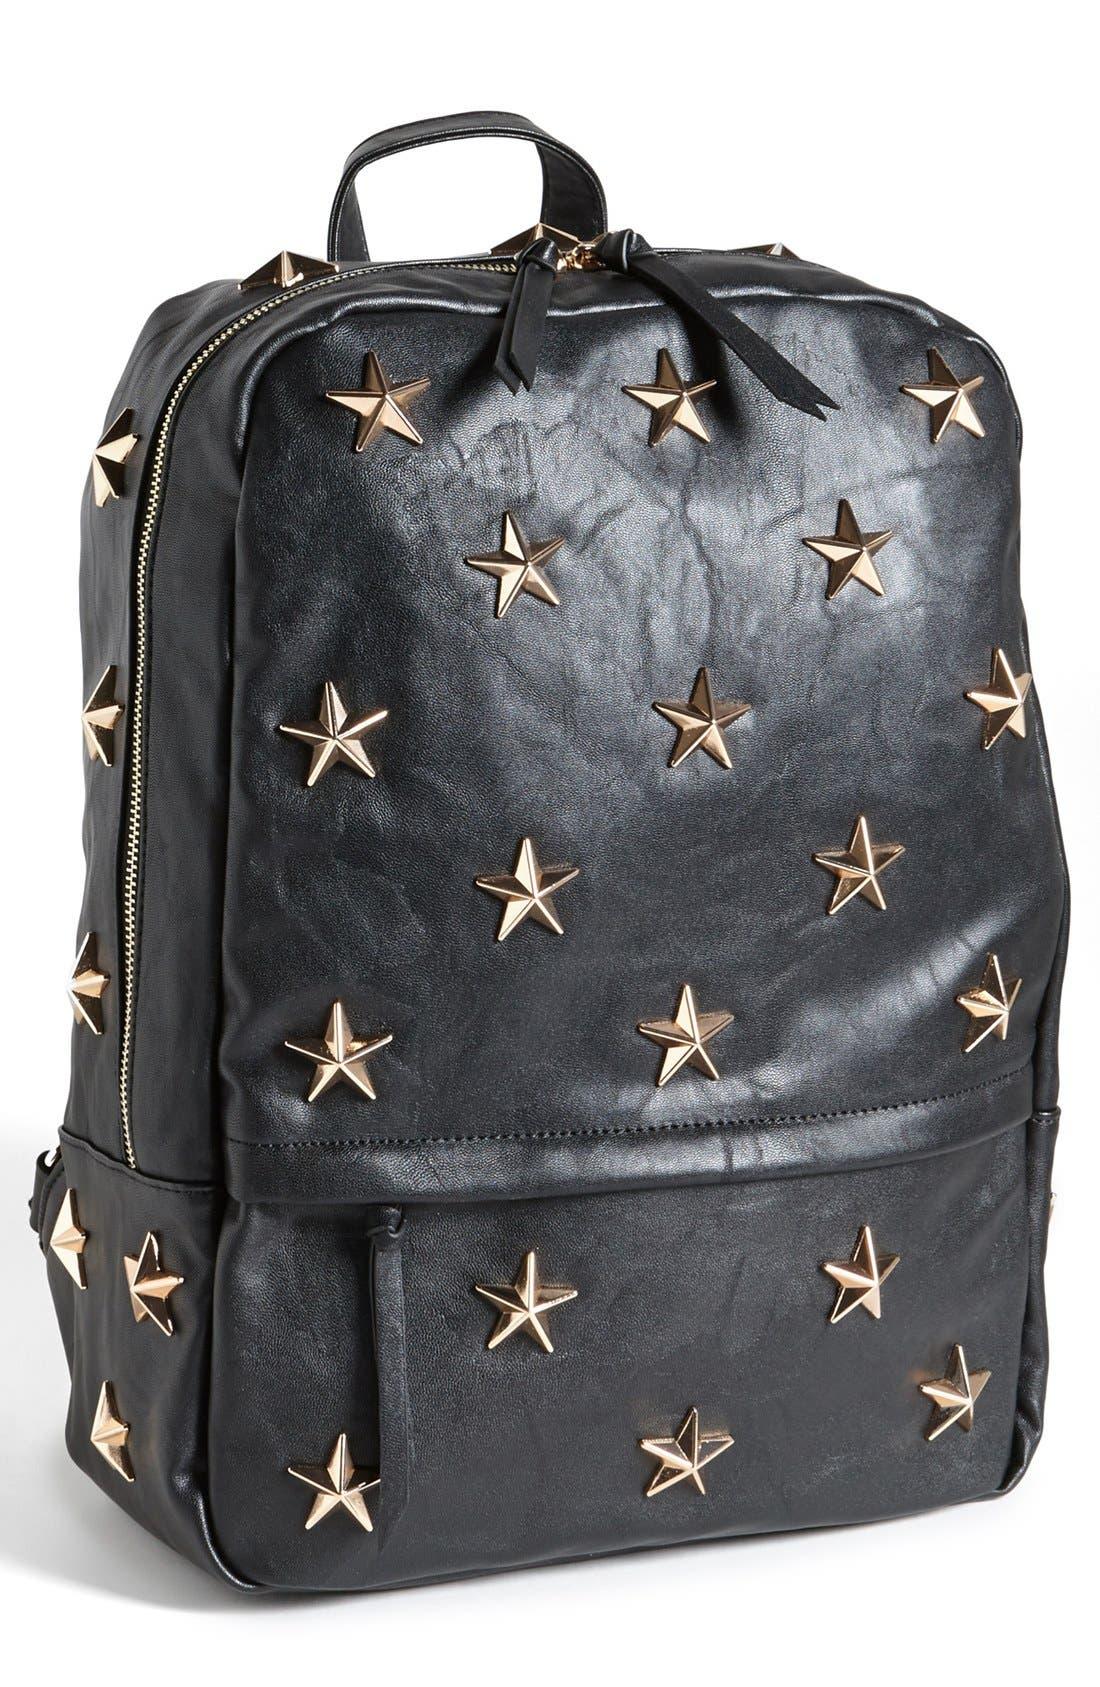 Main Image - Nila Anthony 'Star' Stud Backpack